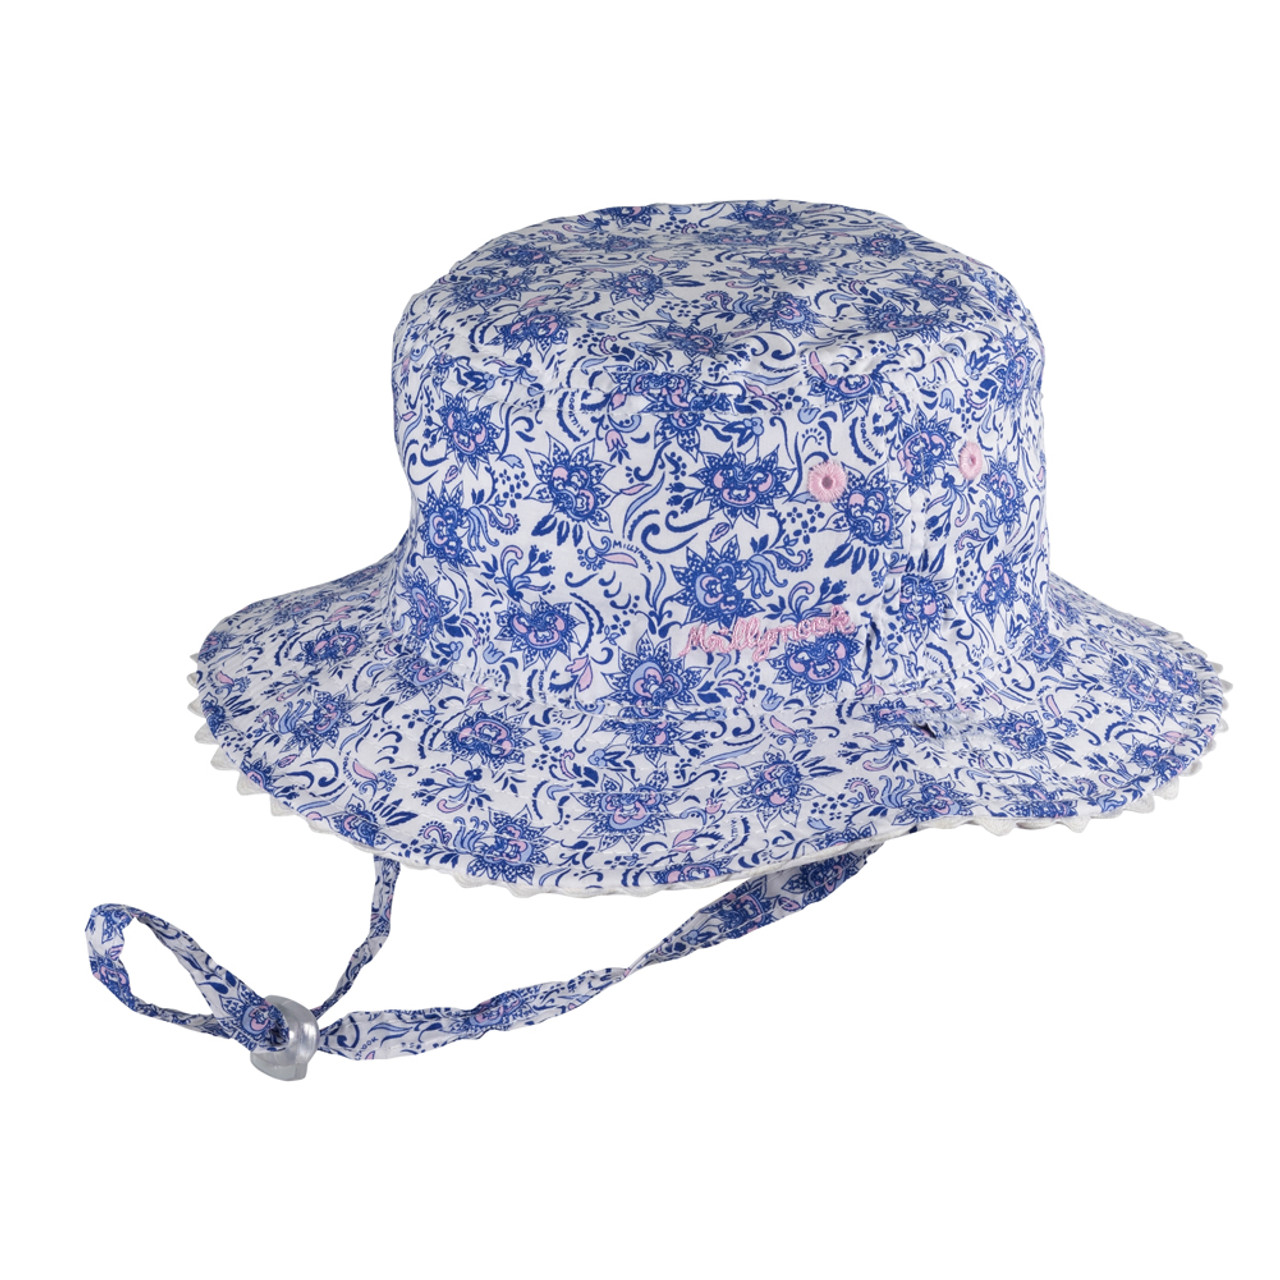 Milly Mook Summery Girls Floppy Hat - Kaya (SM) - Dear-Born Baby bf9db939feb